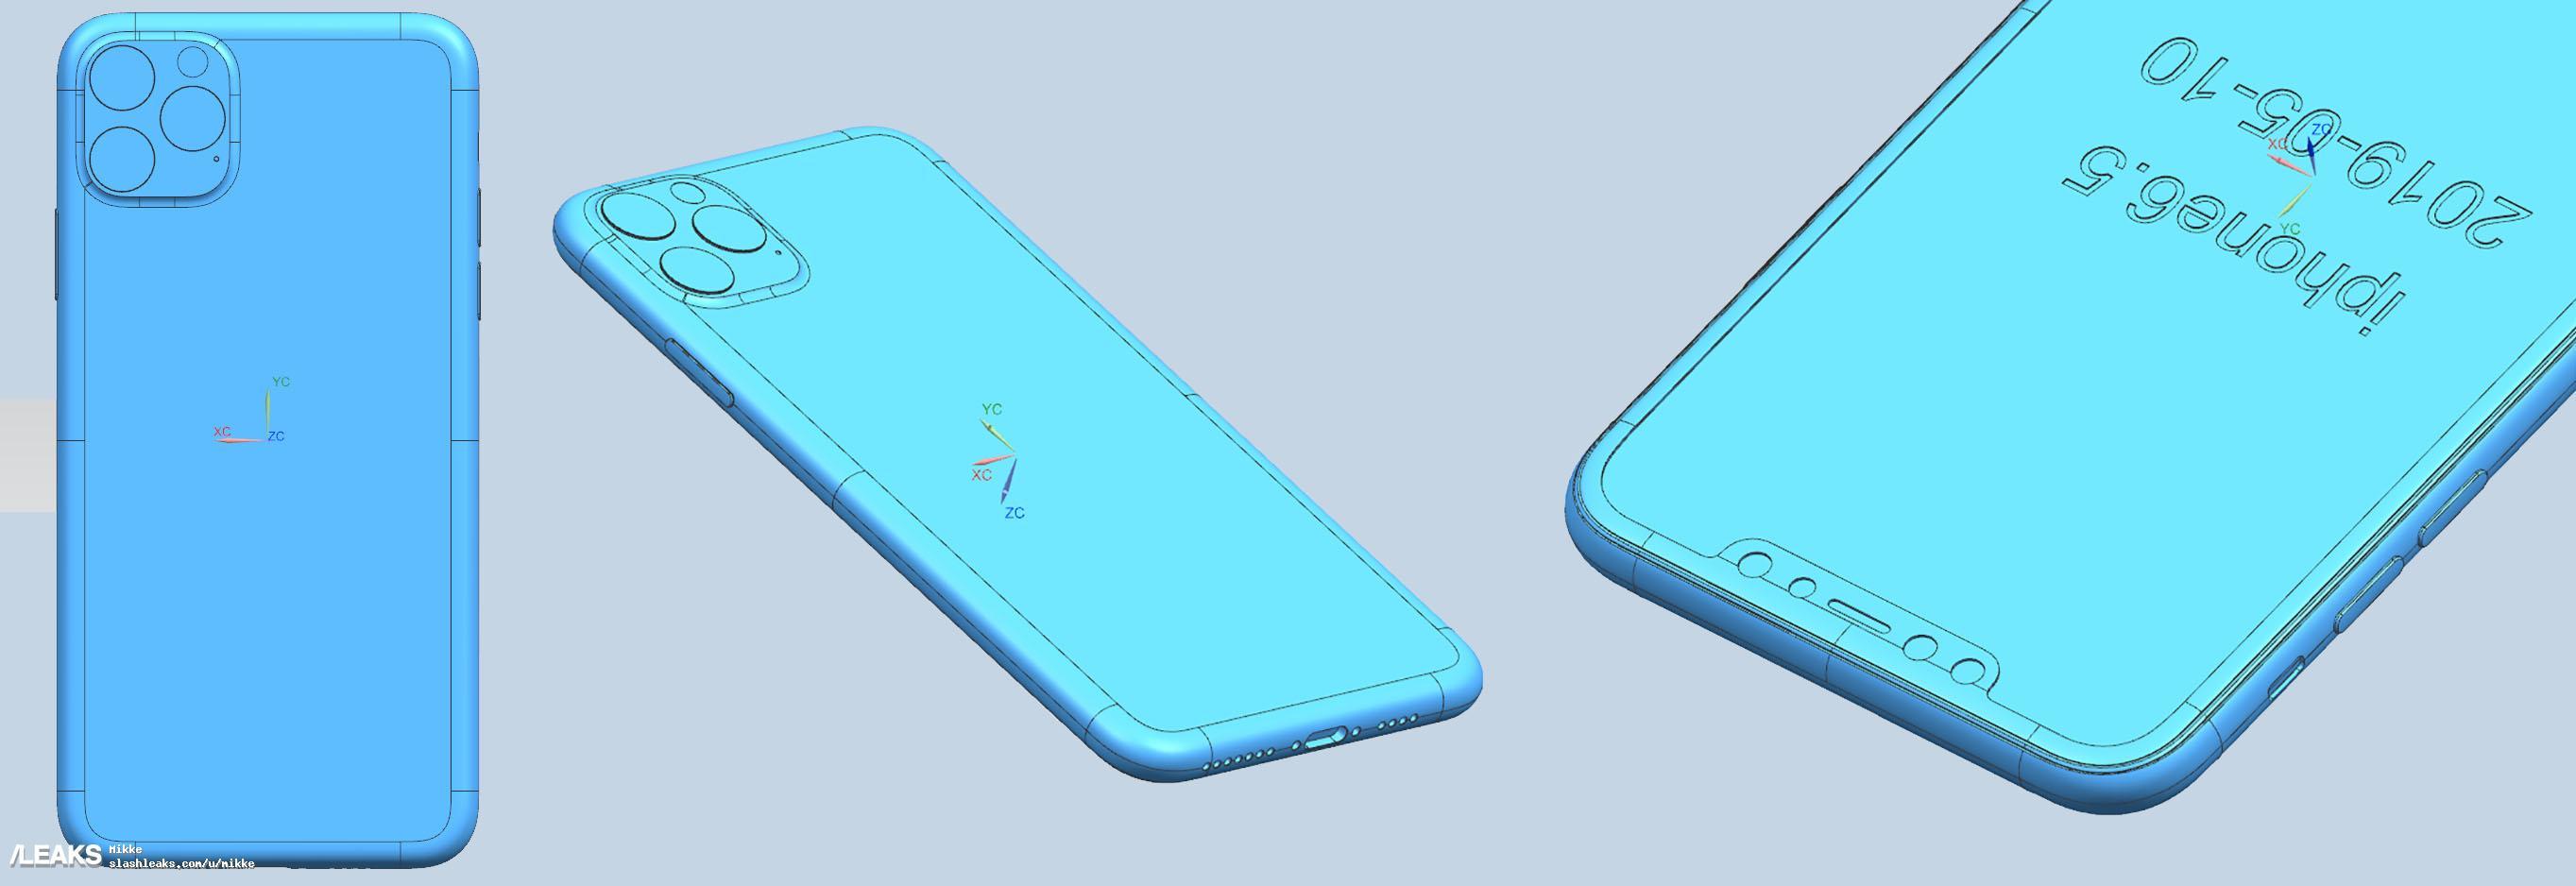 iPhone 11 Max CAD schematische tekening.